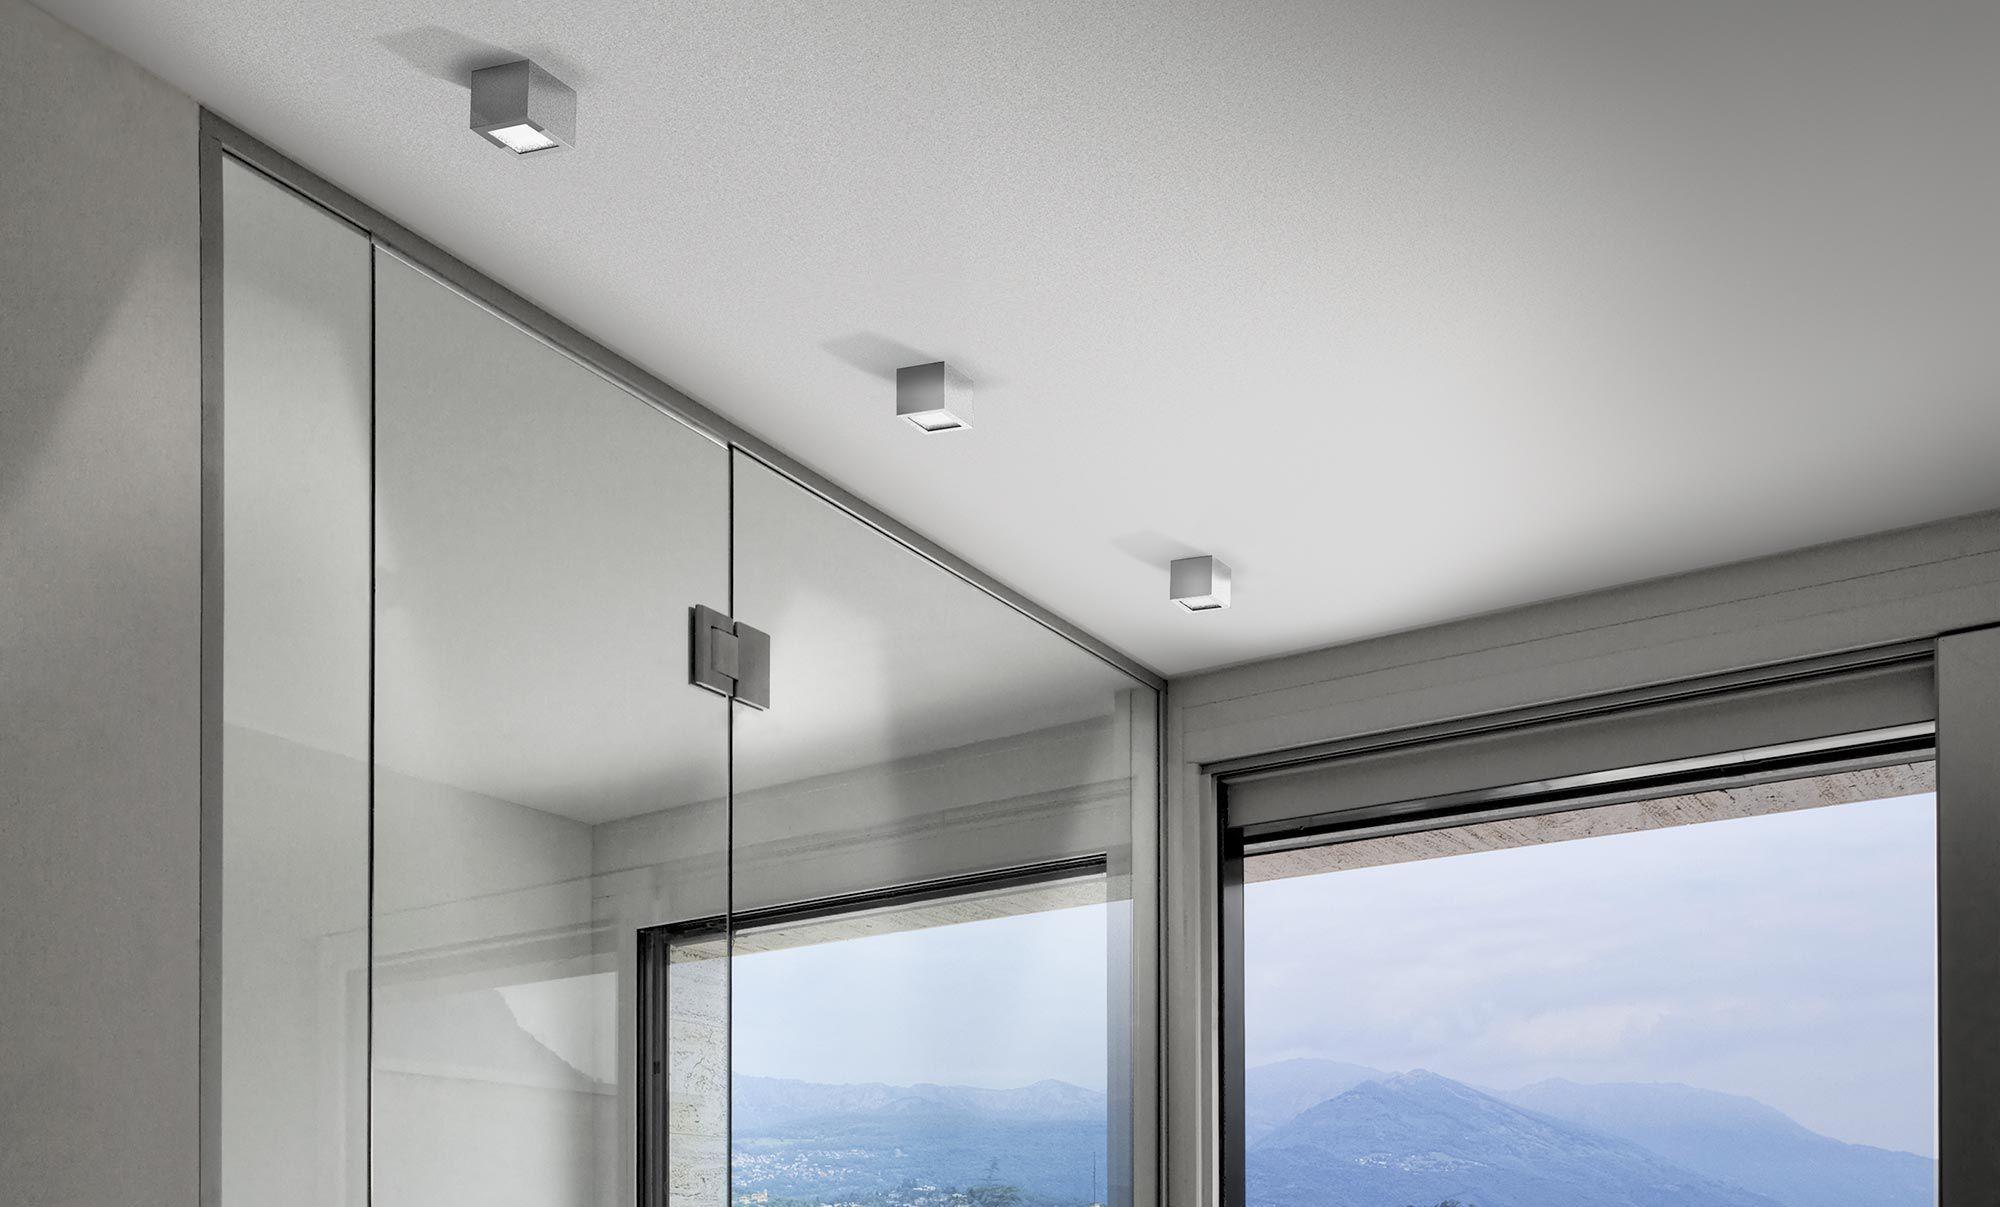 Plafoniera Quadrata Vetro : Plafoniera moderna quadrata in vetro alluminio three